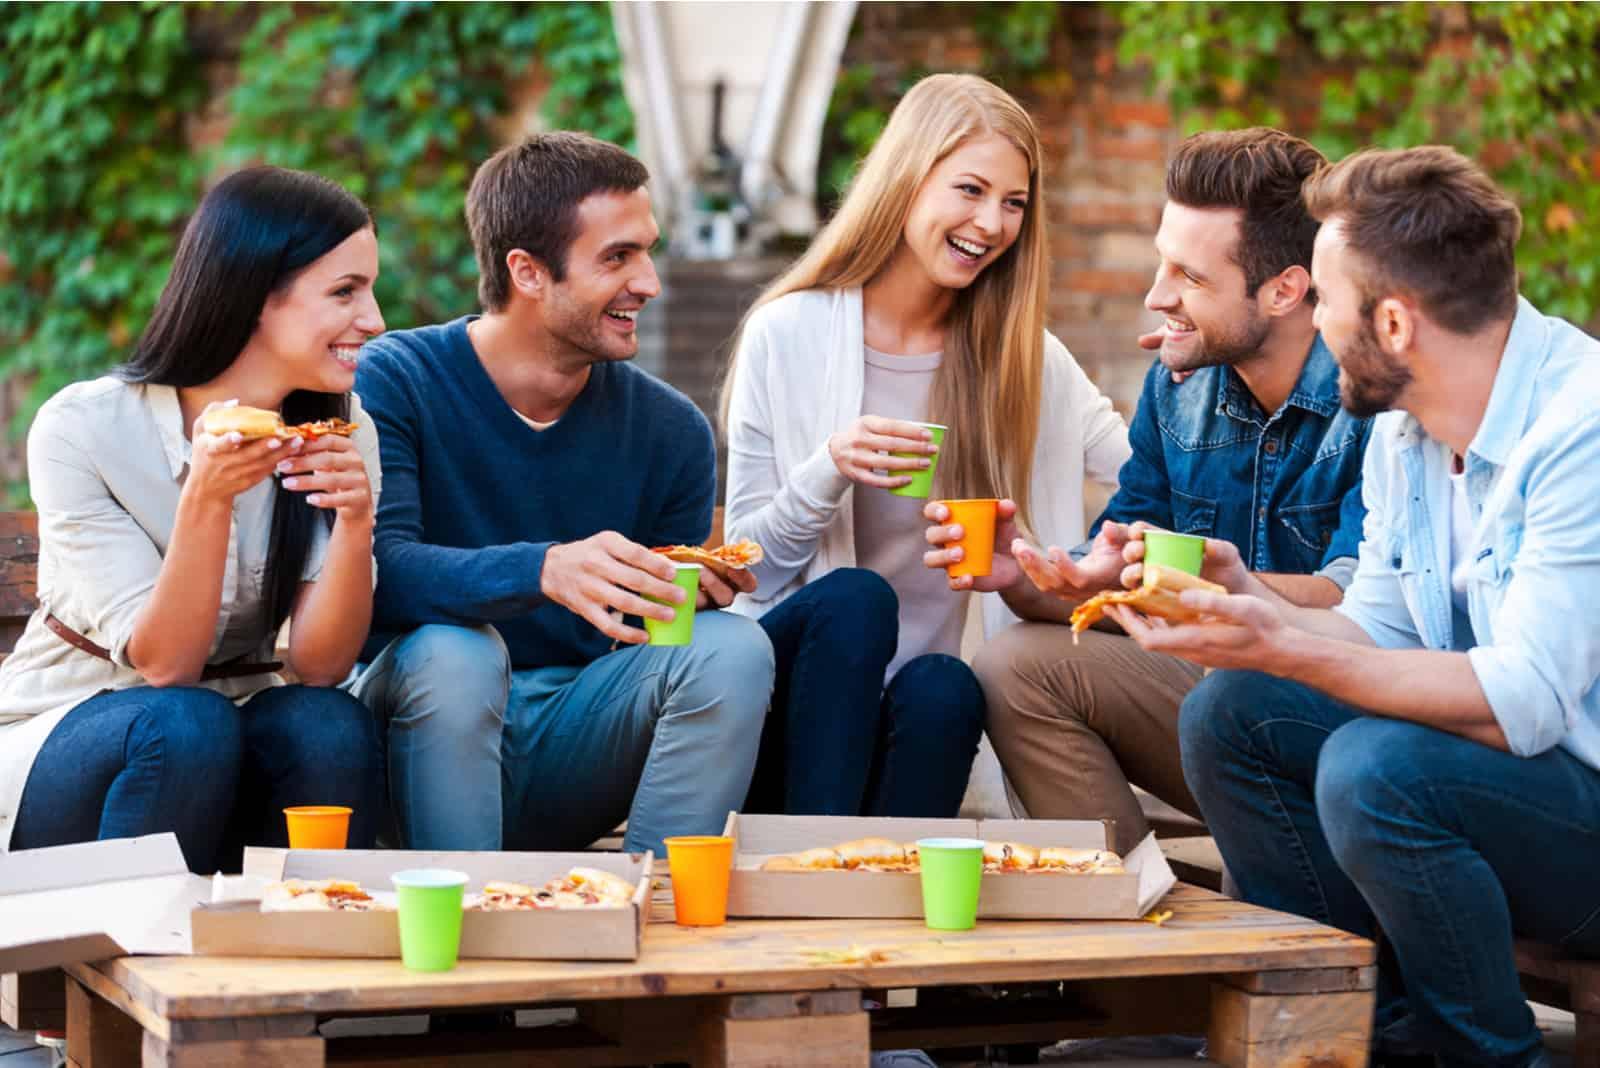 Draußen haben eine Gruppe von Freunden Spaß und essen Pizza